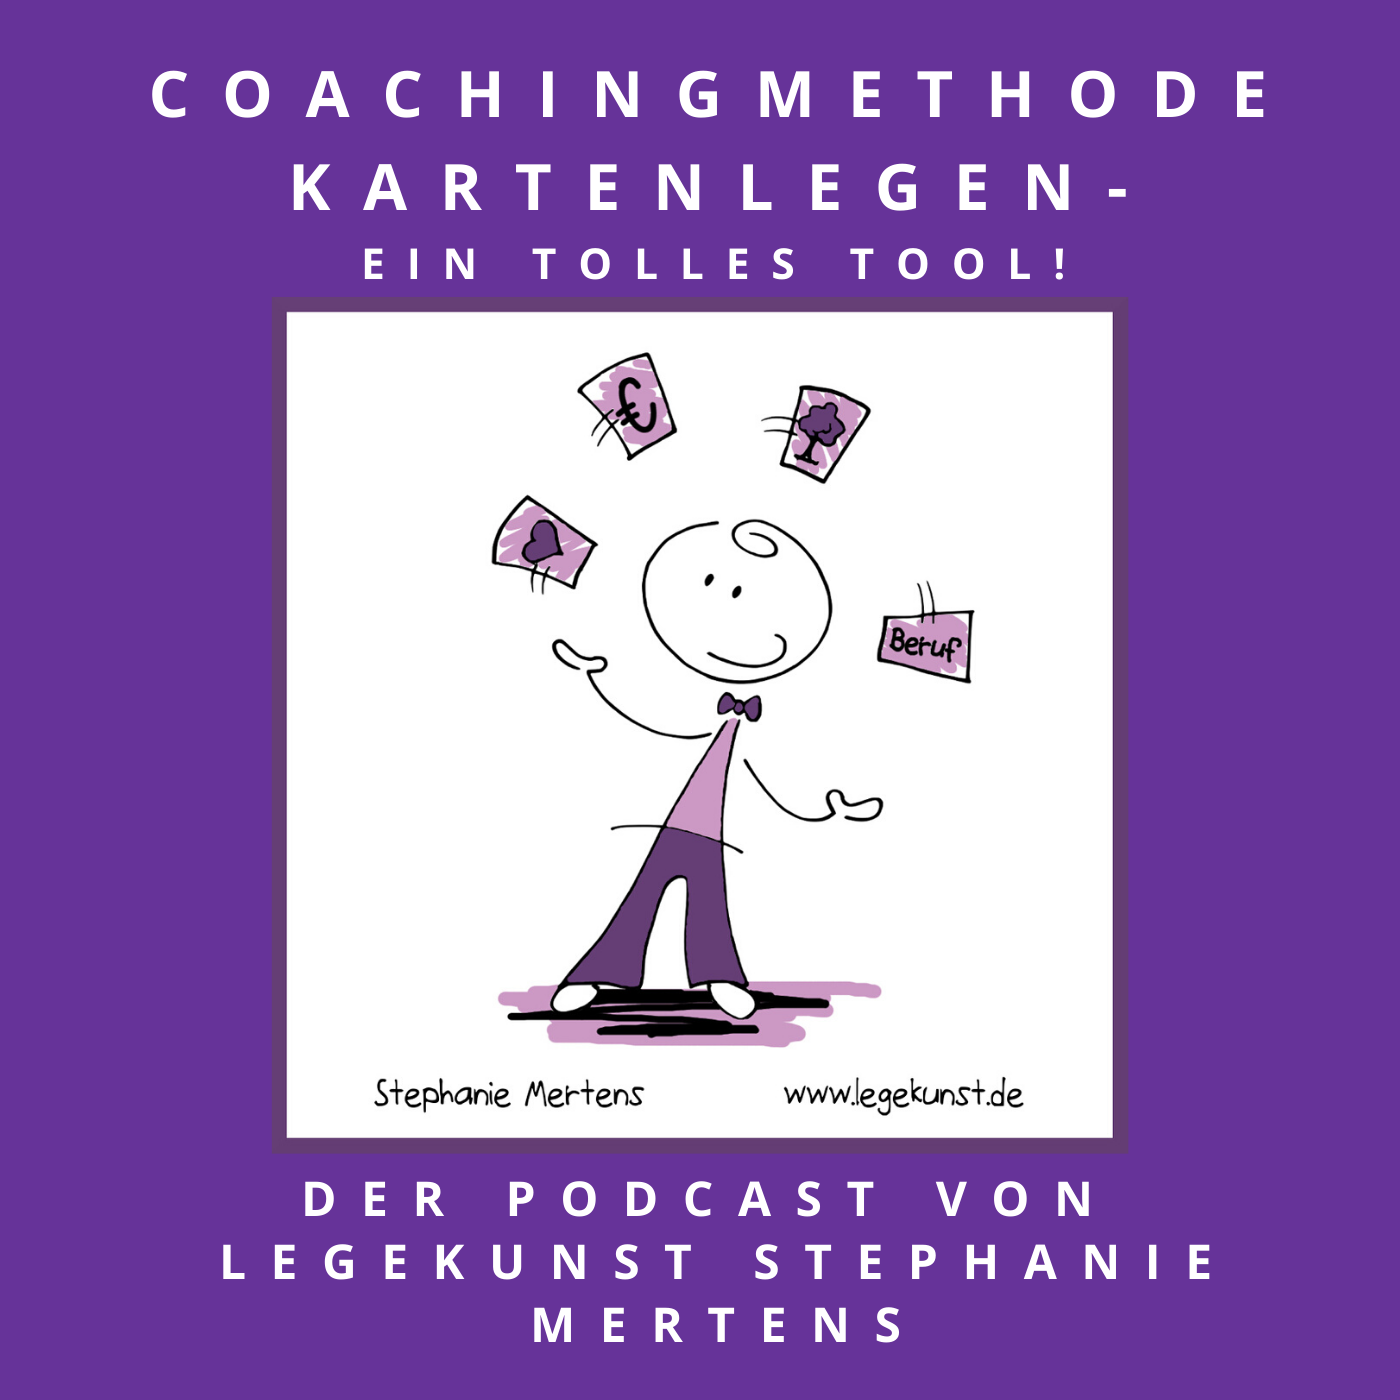 Coachingmethode Kartenlegen - Der Podcast von Legekunst Stephanie Mertens